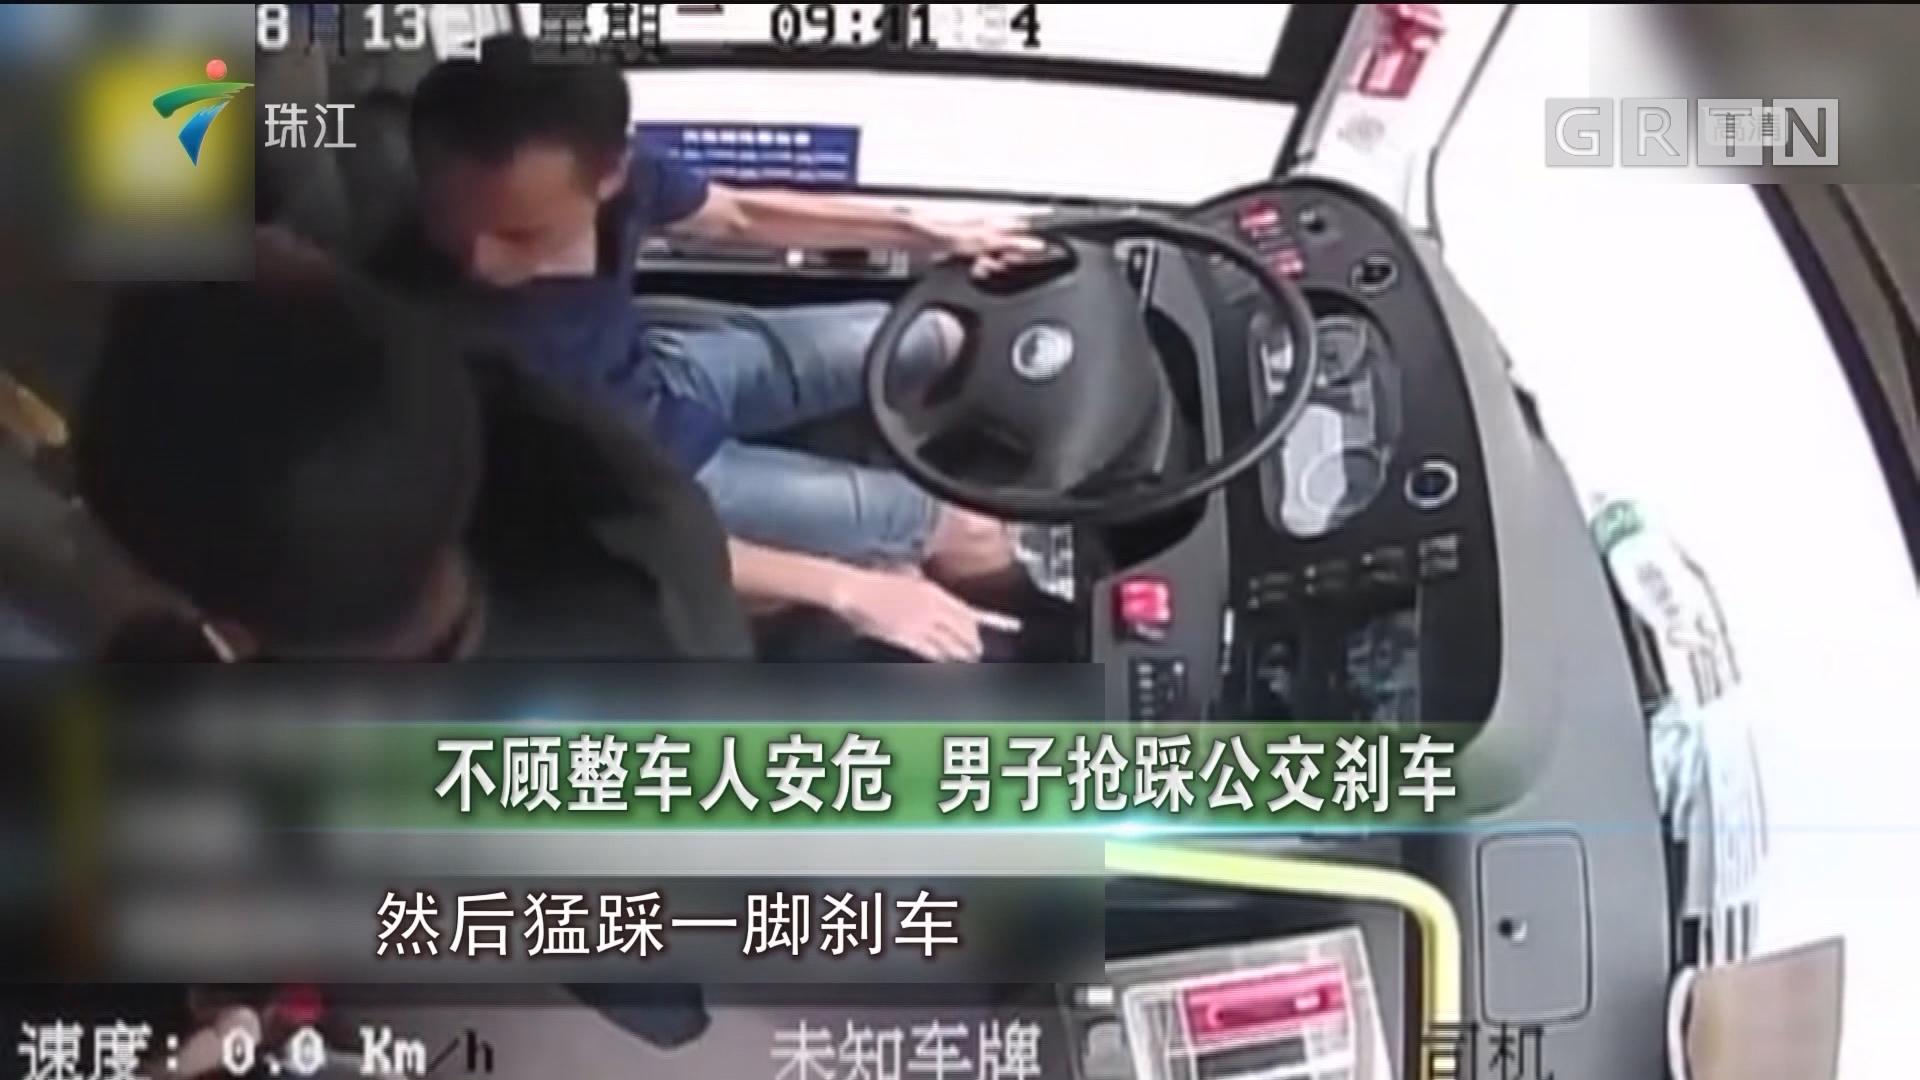 不顾整车人安危 男子抢踩公交刹车